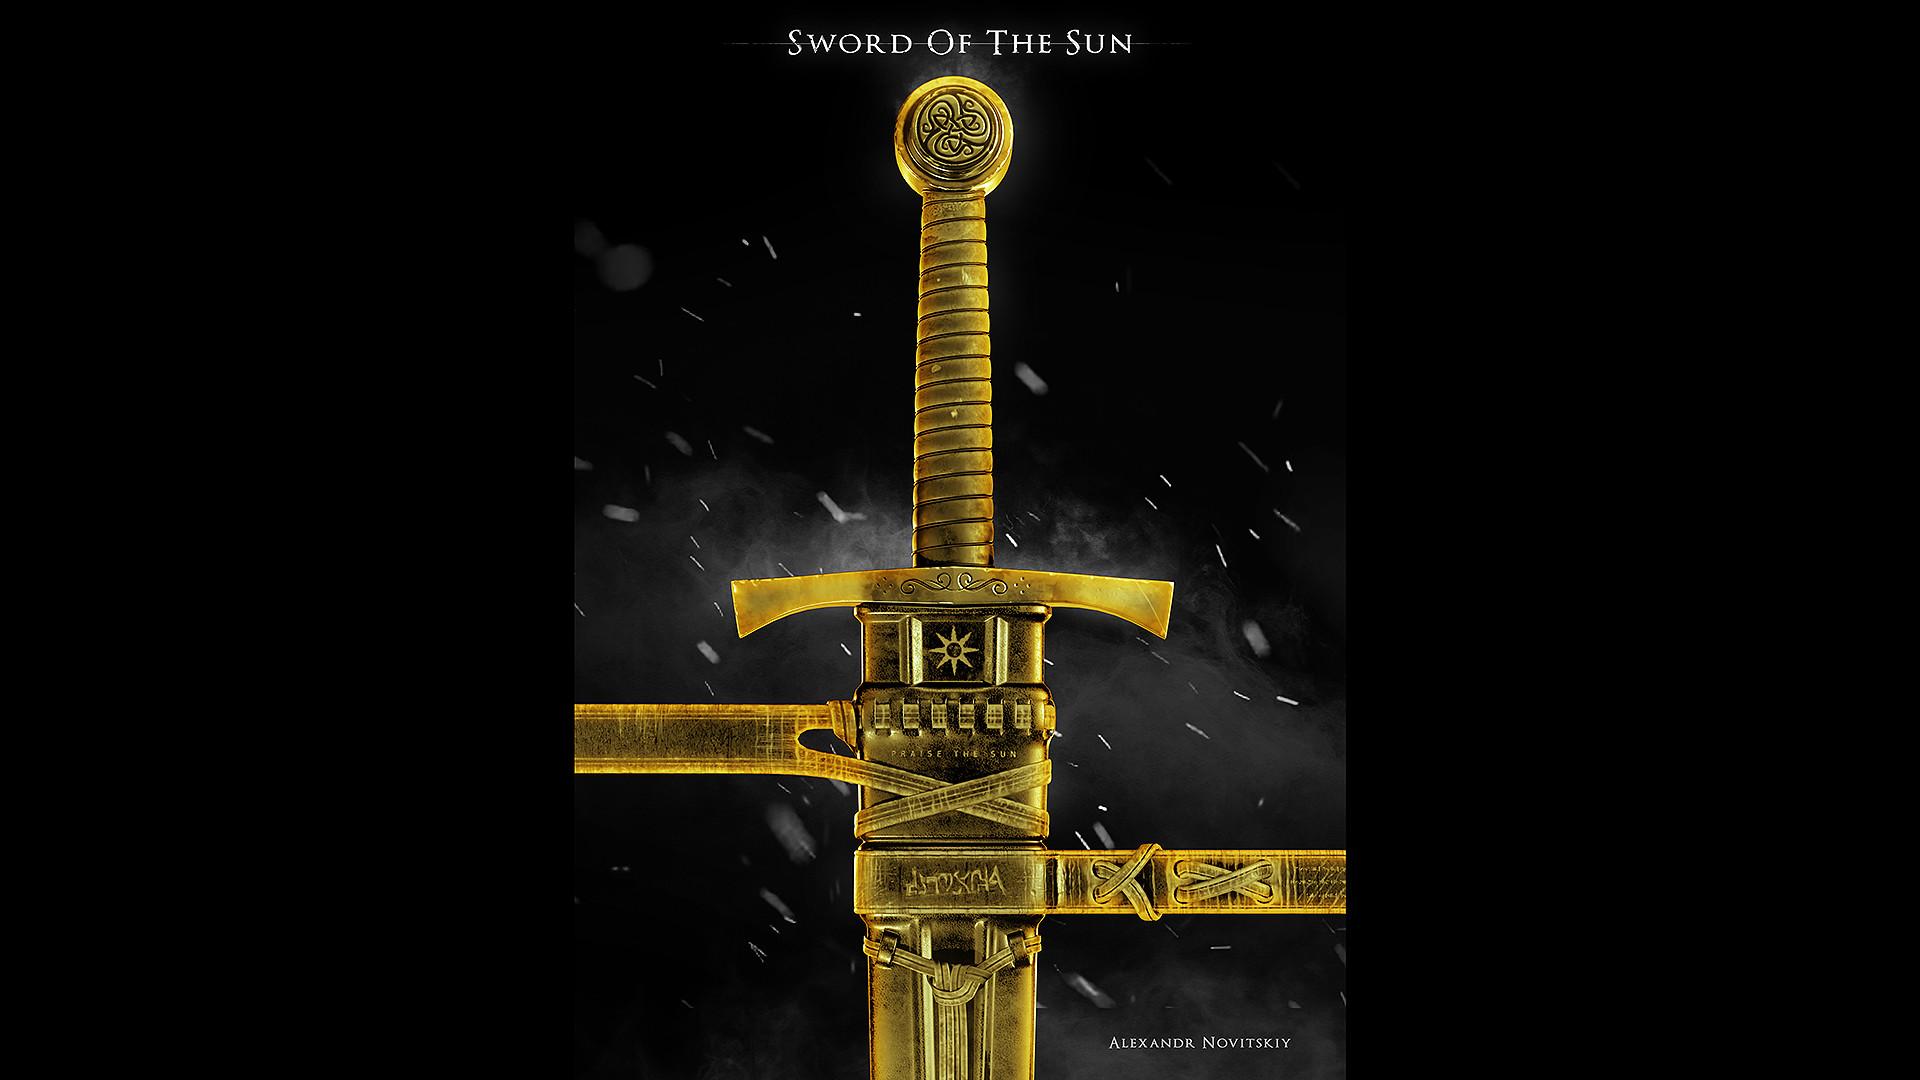 Alexandr novitskiy dark knight sword style 02